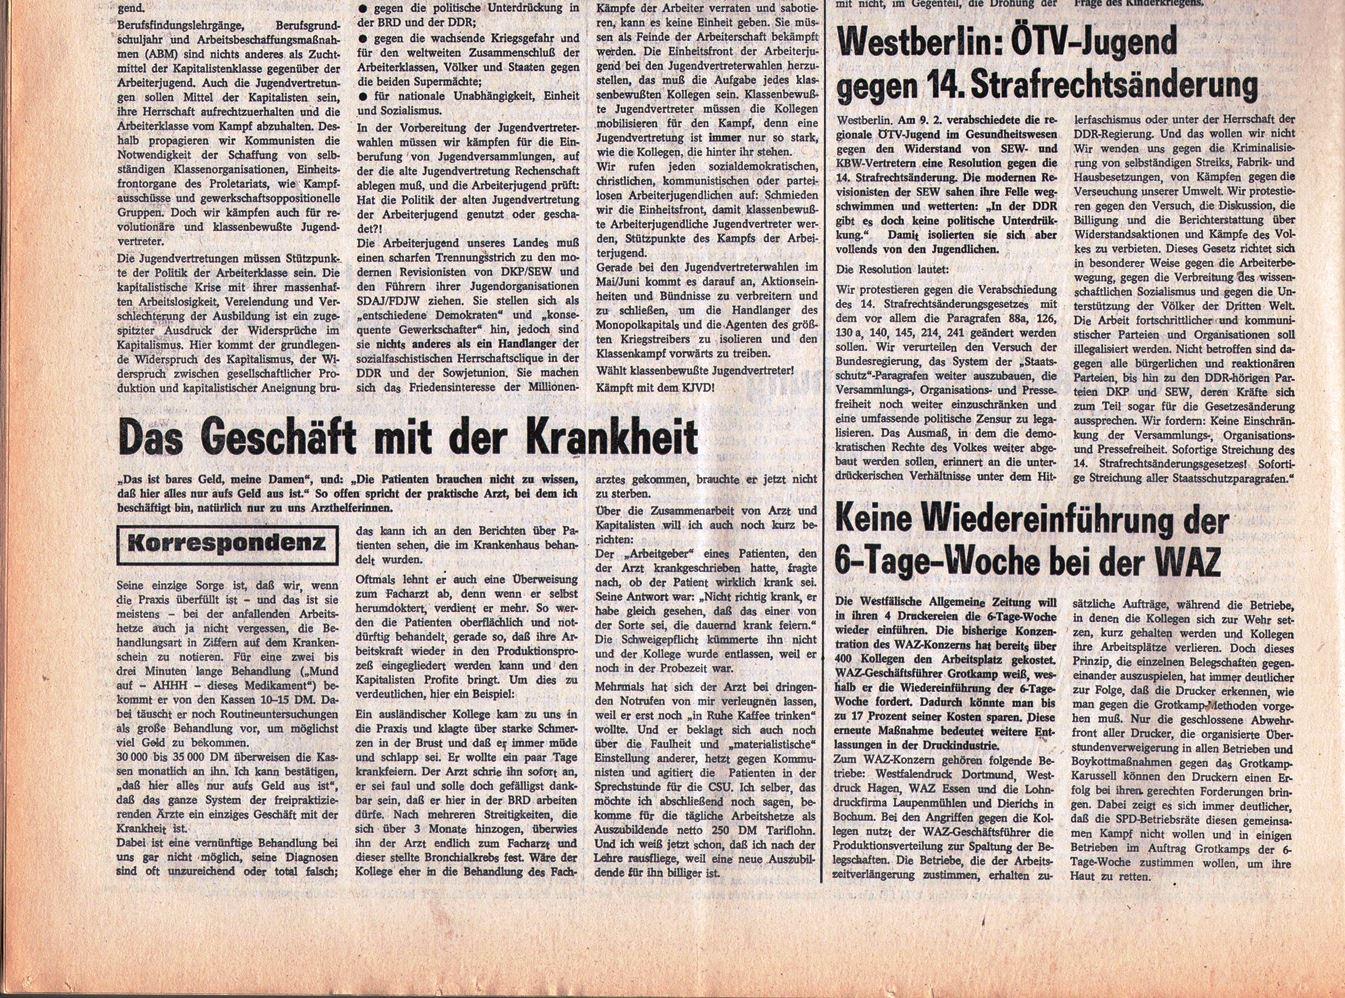 KPD_Rote_Fahne_1976_07_12